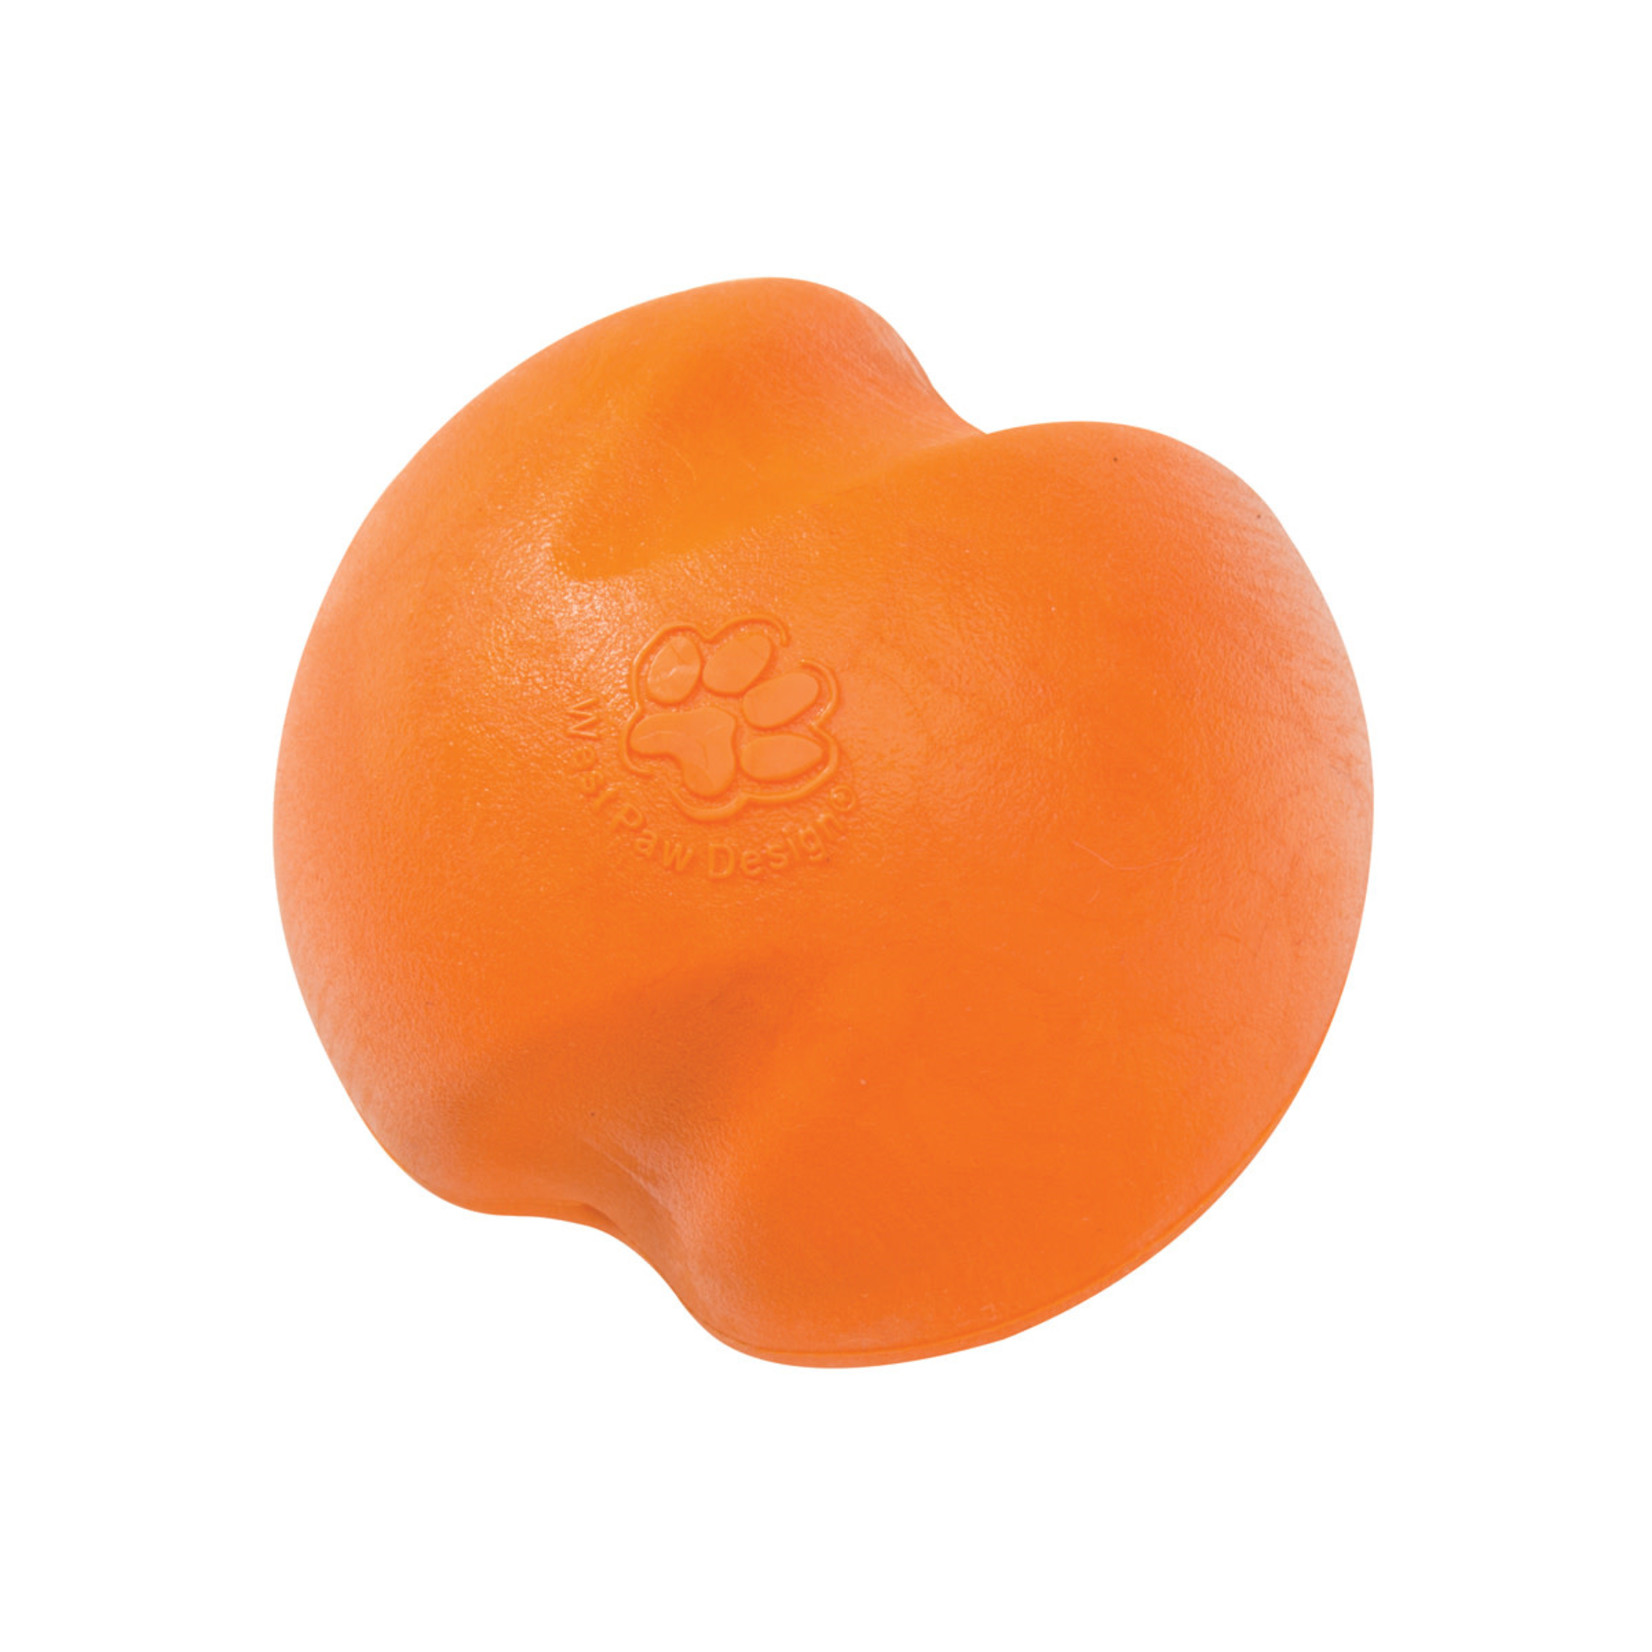 """West Paw Jive XS ball 2"""" - orange dog toy"""